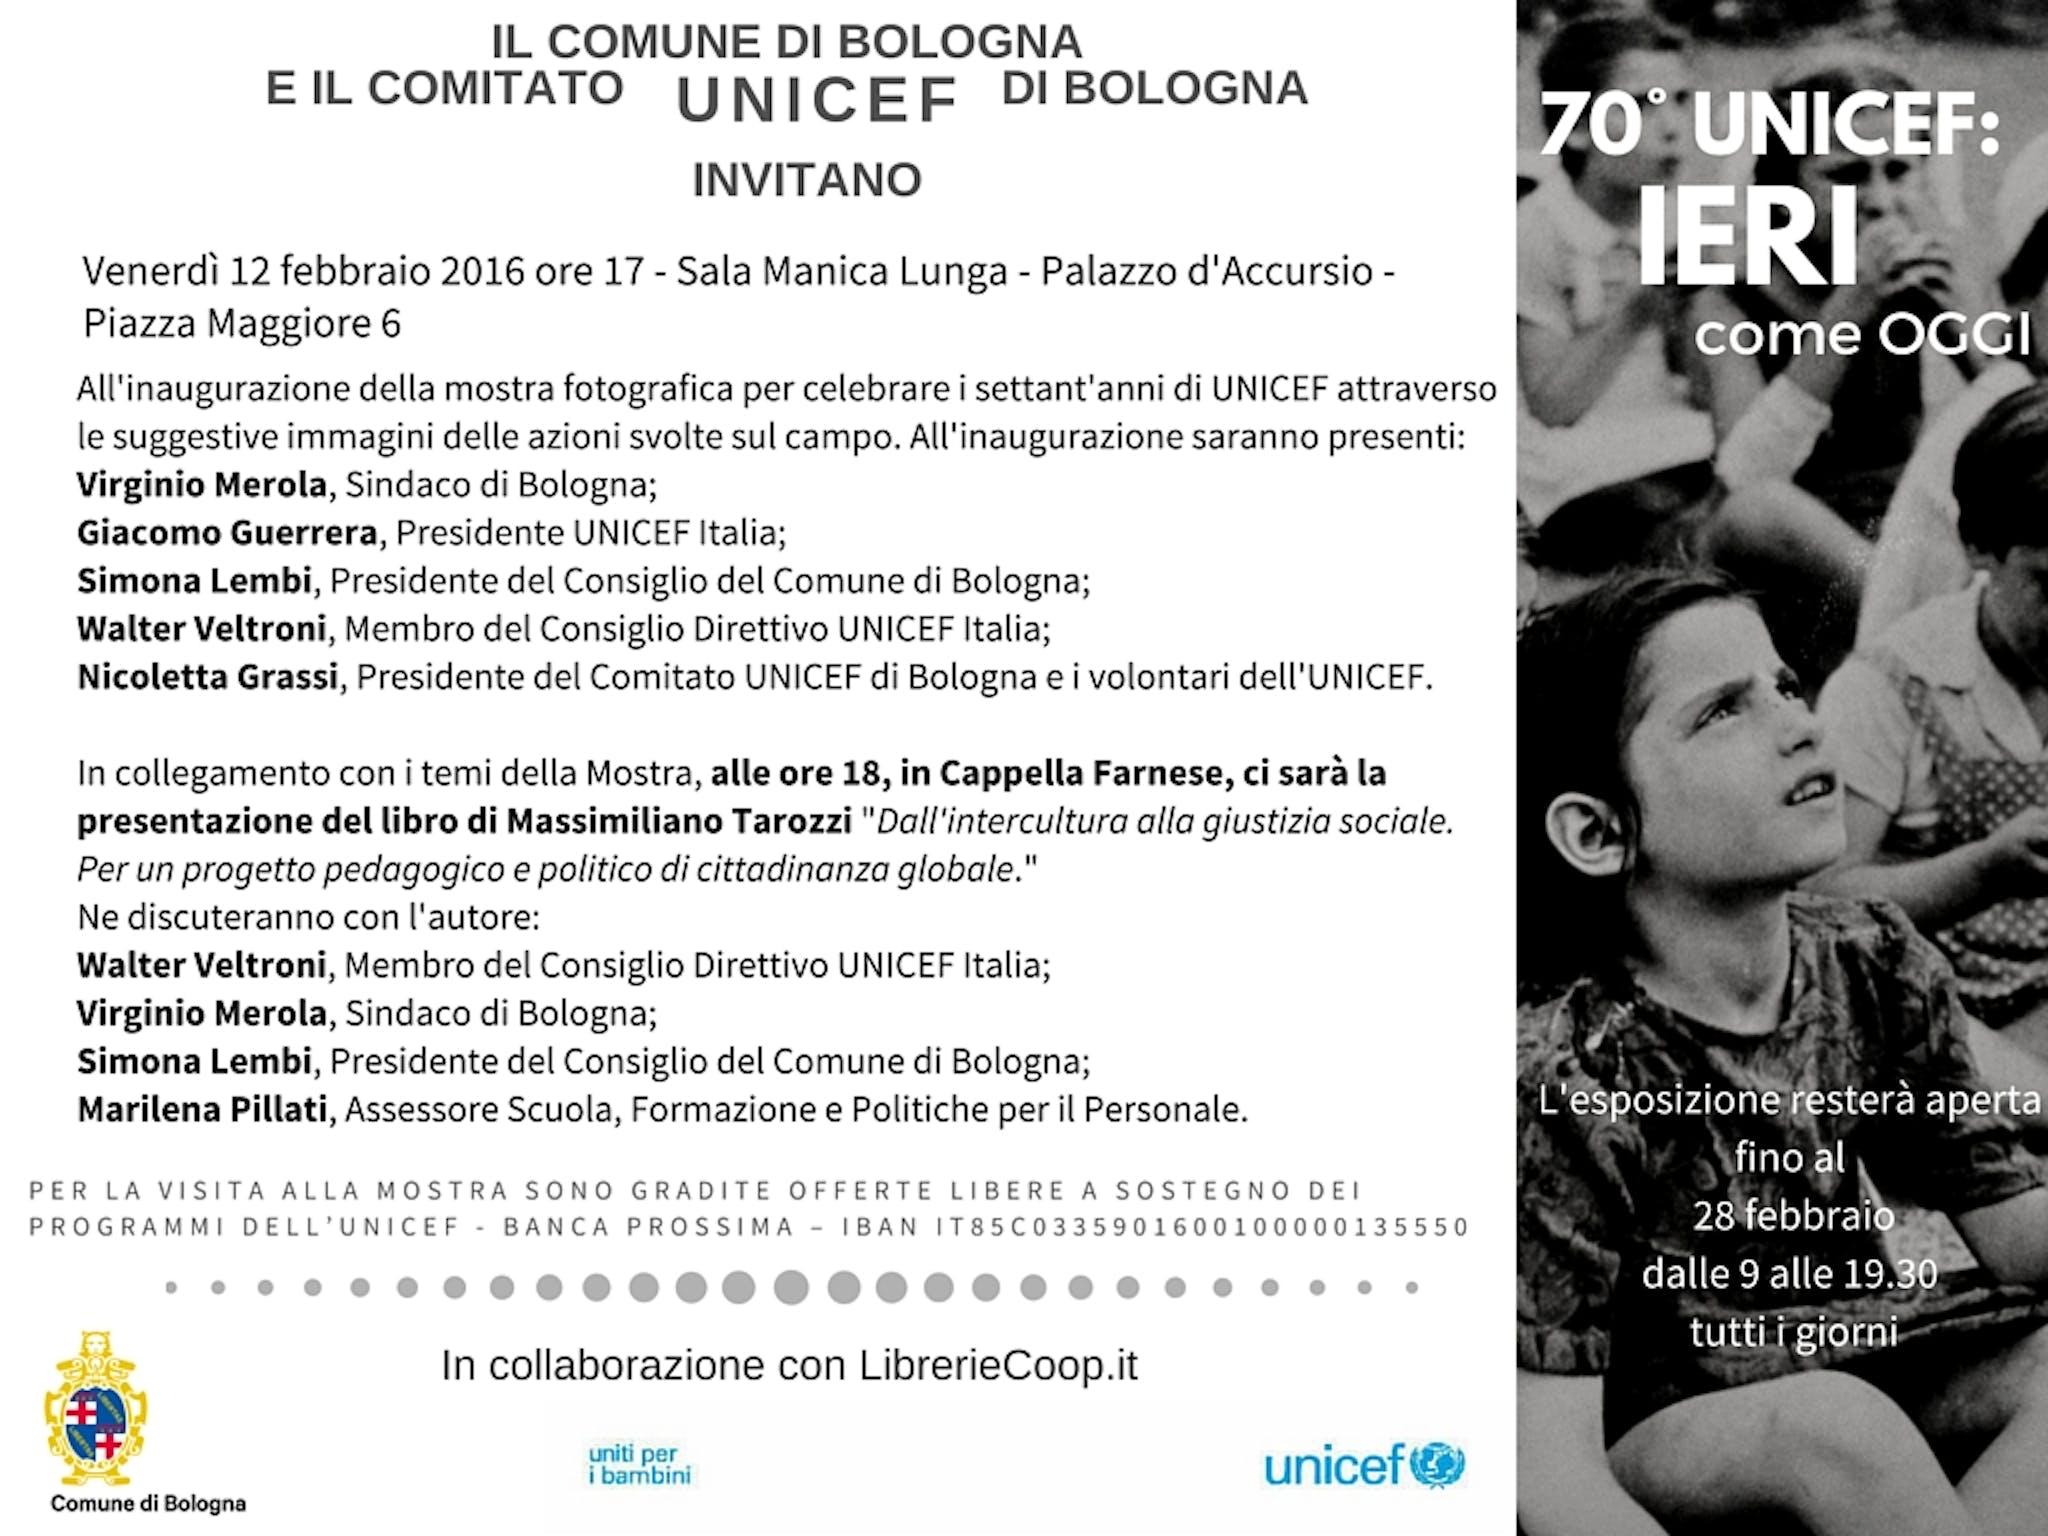 Bologna: tutto pronto per la mostra celebrativa Ieri come Oggi